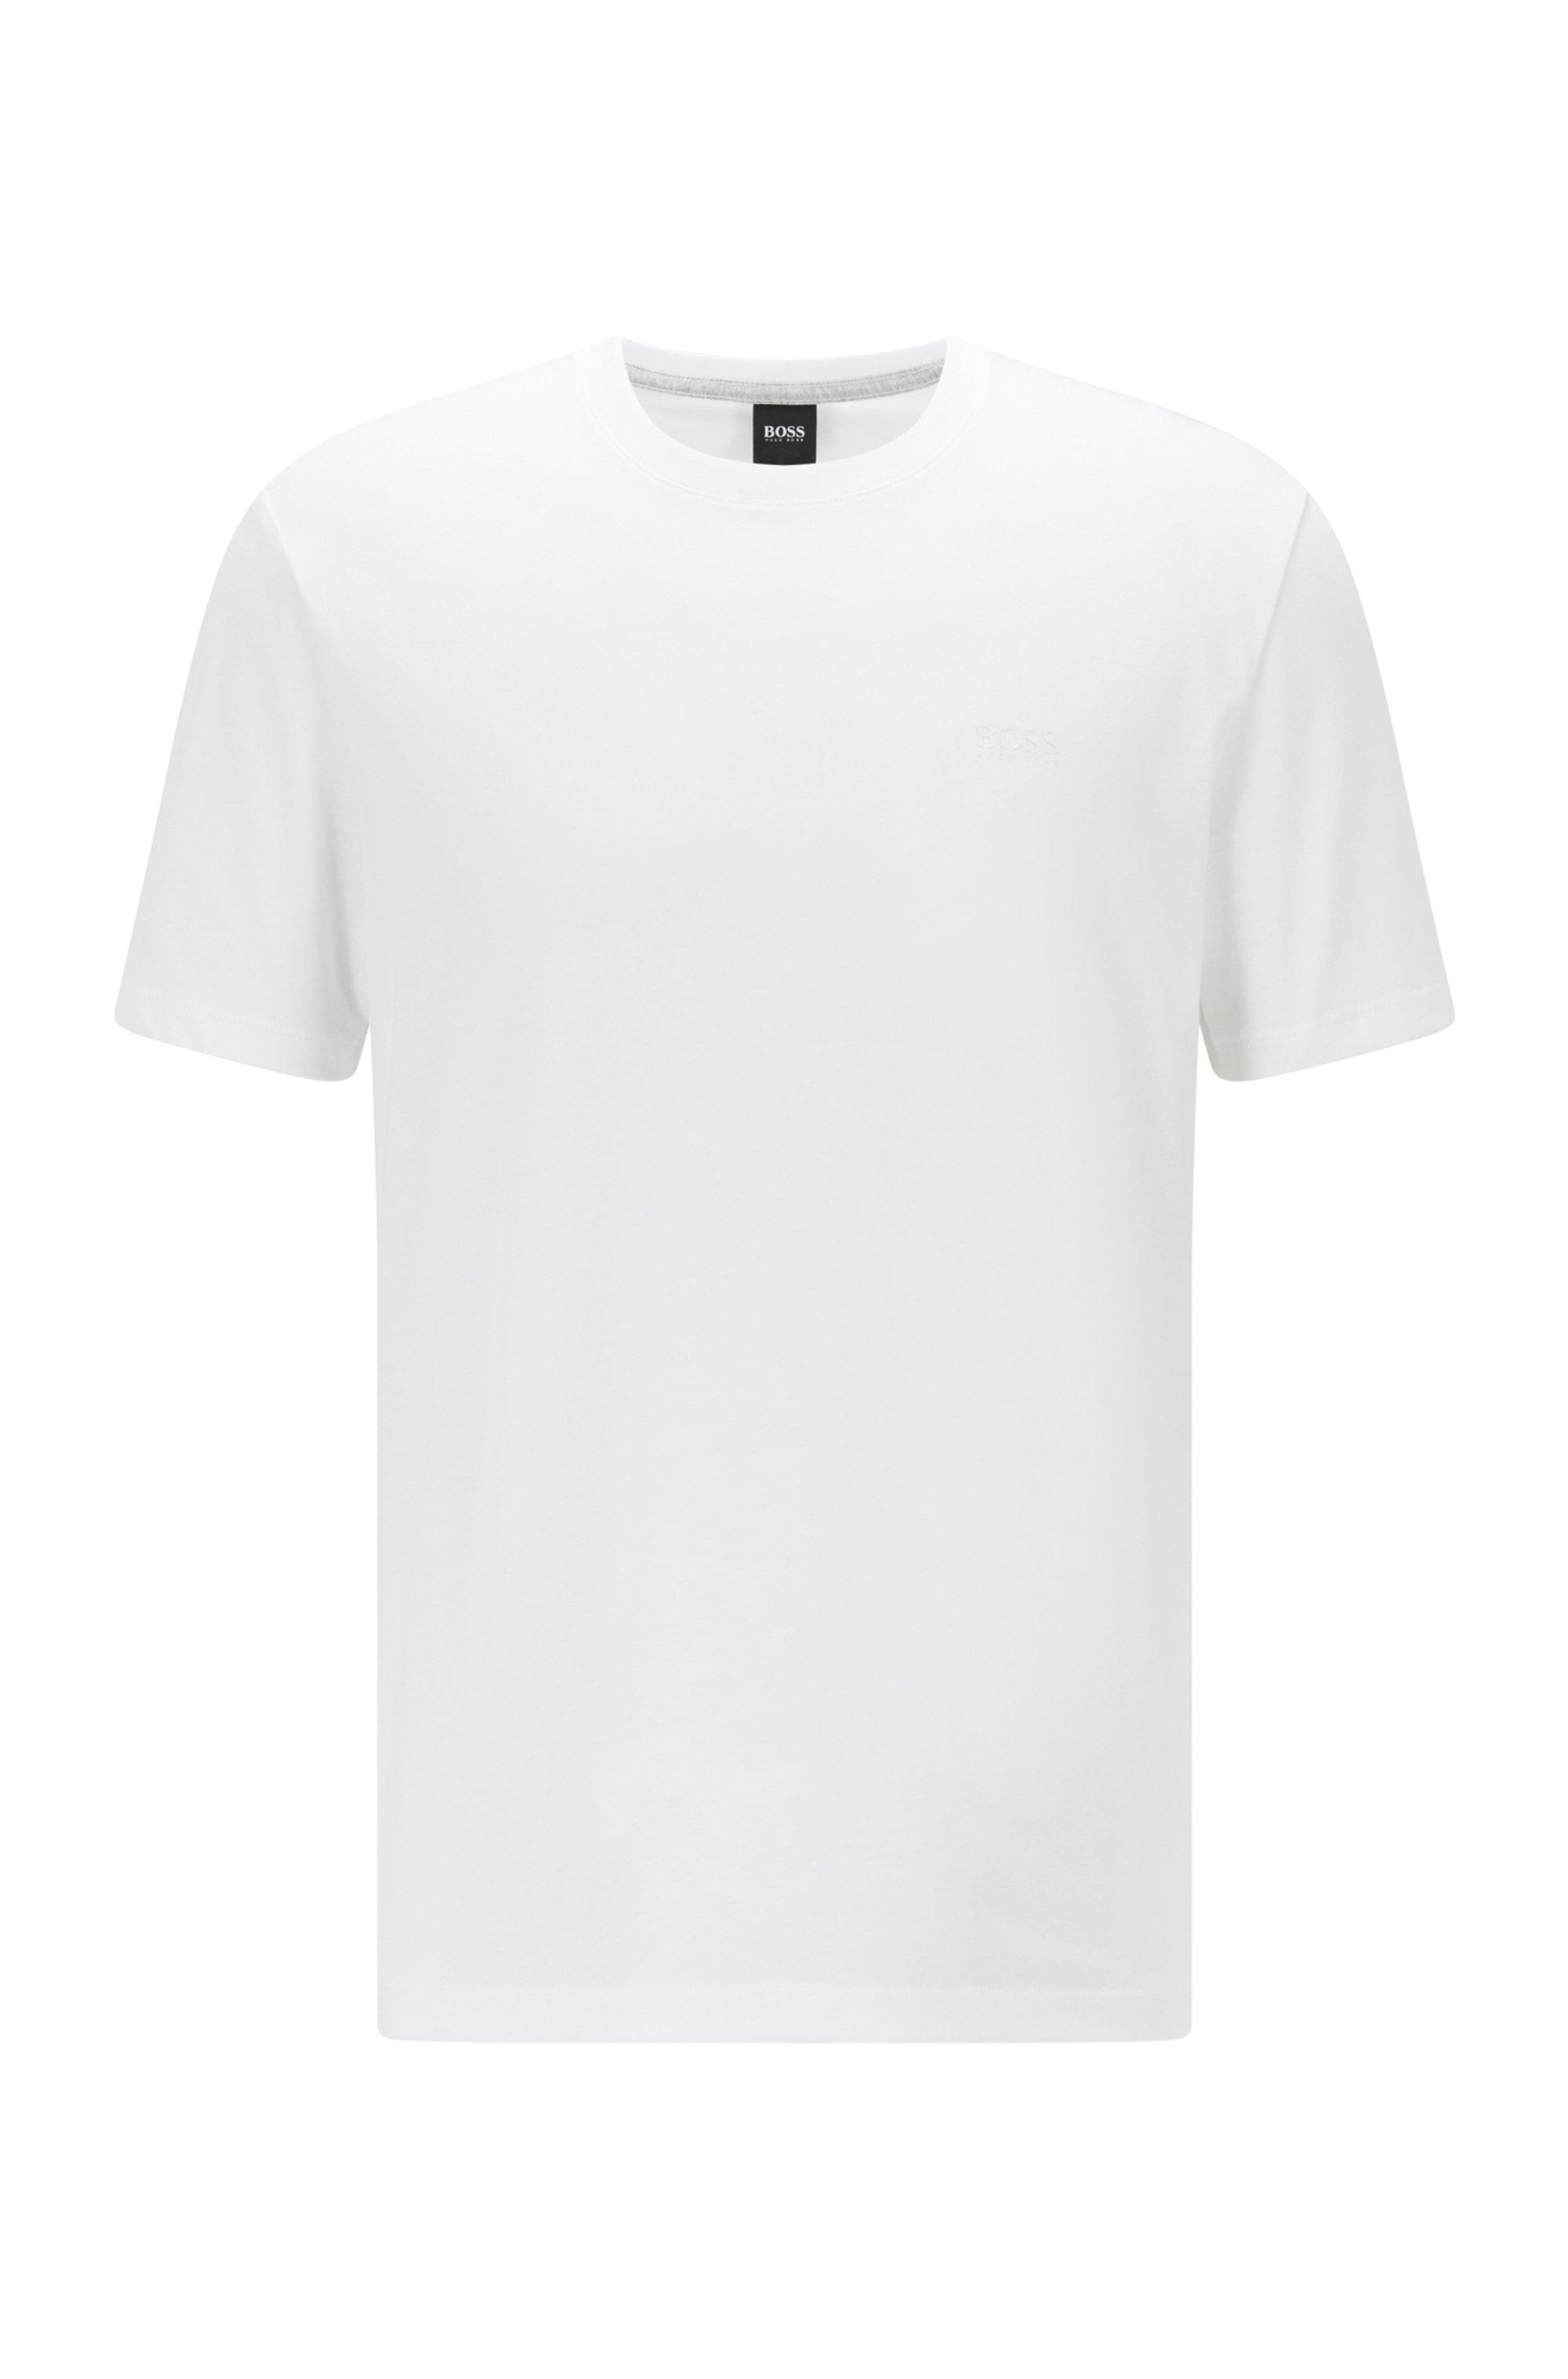 ロゴTシャツ ピュアコットン リキッドフィニッシュ, ホワイト